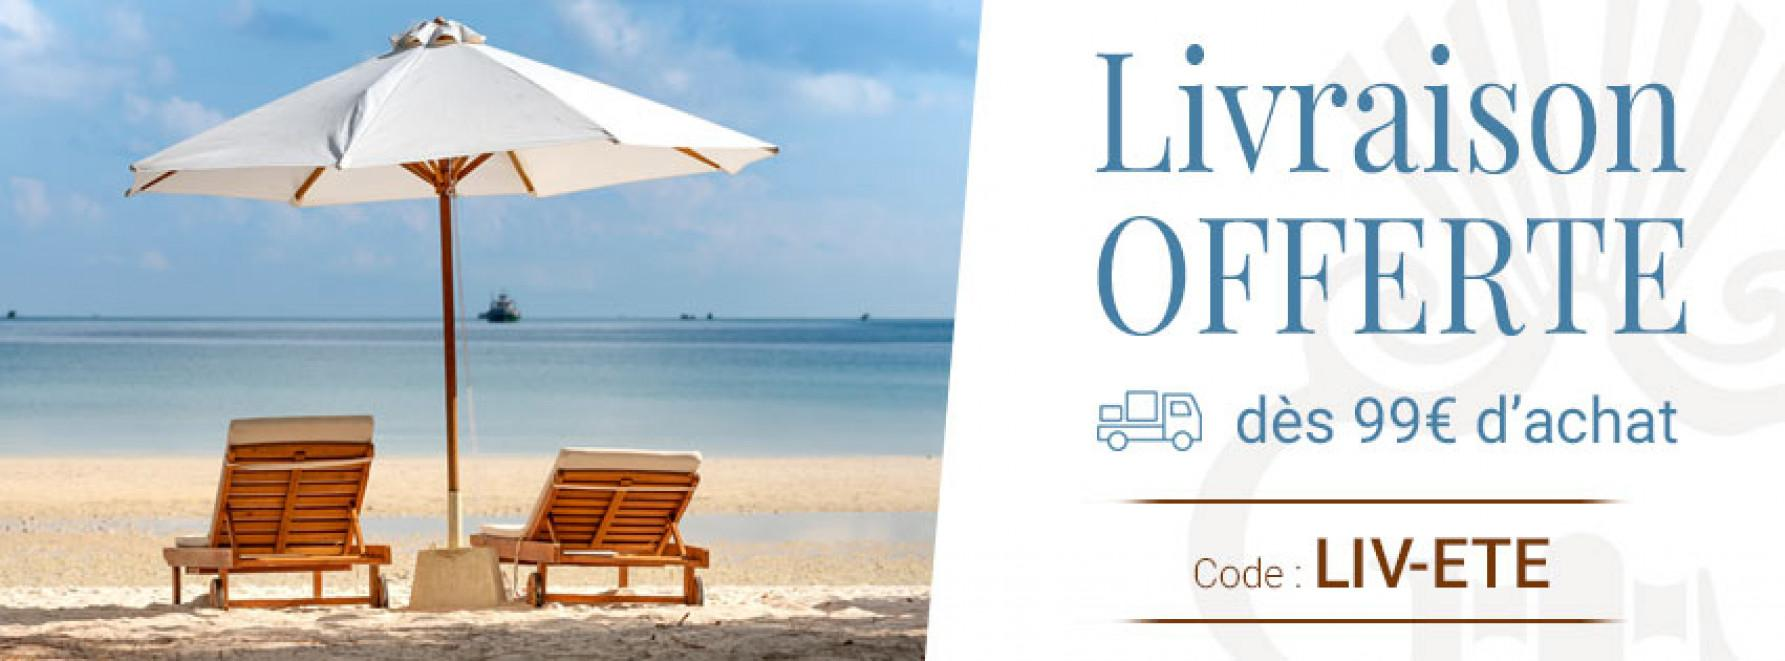 Livré gratuitement chez vous ou sur votre lieu de vacances